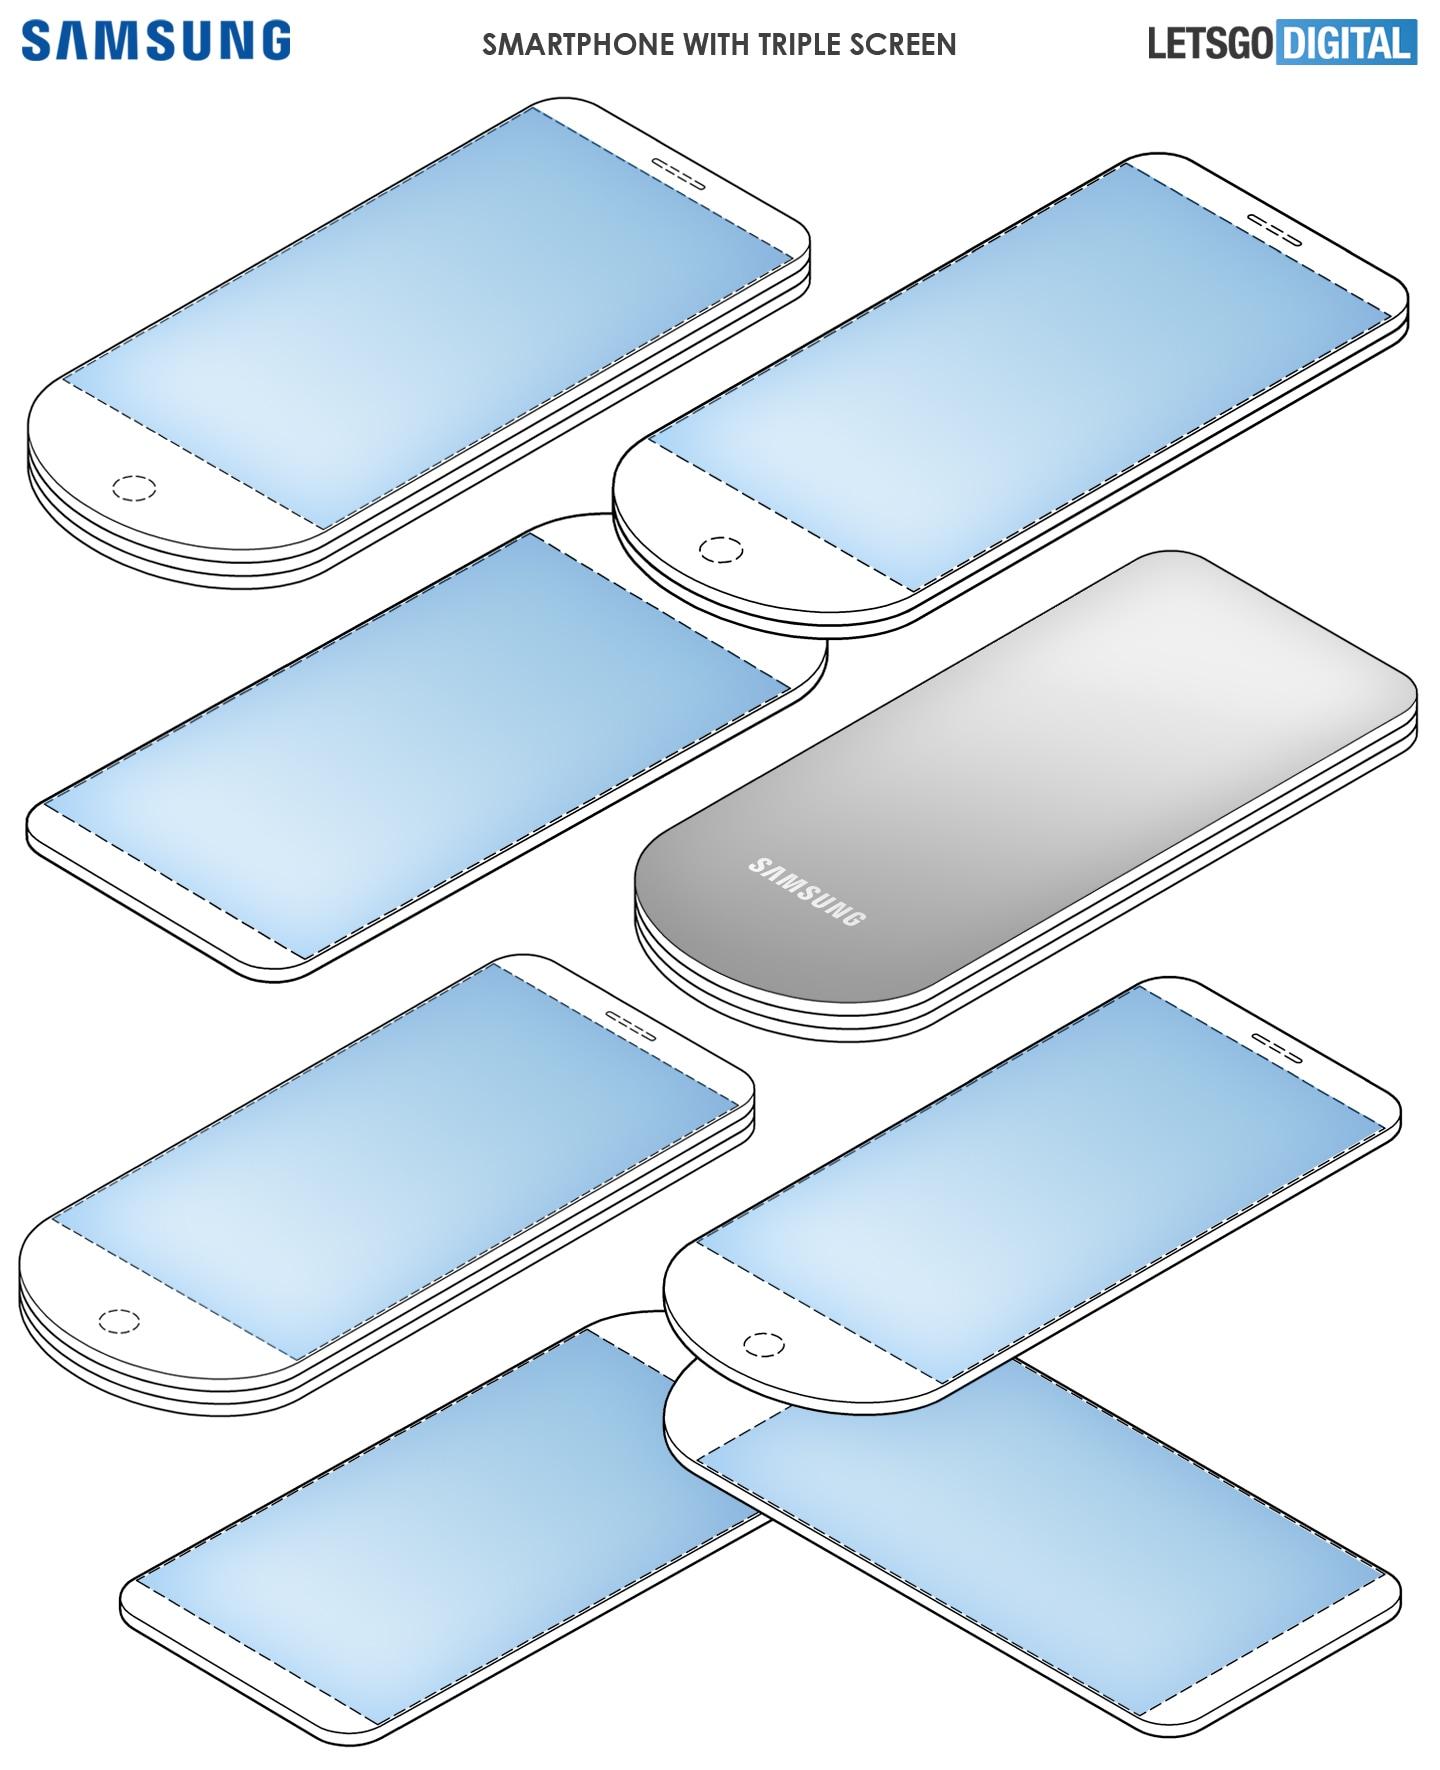 samsung-smartphone-ventaglio-brevetto-01